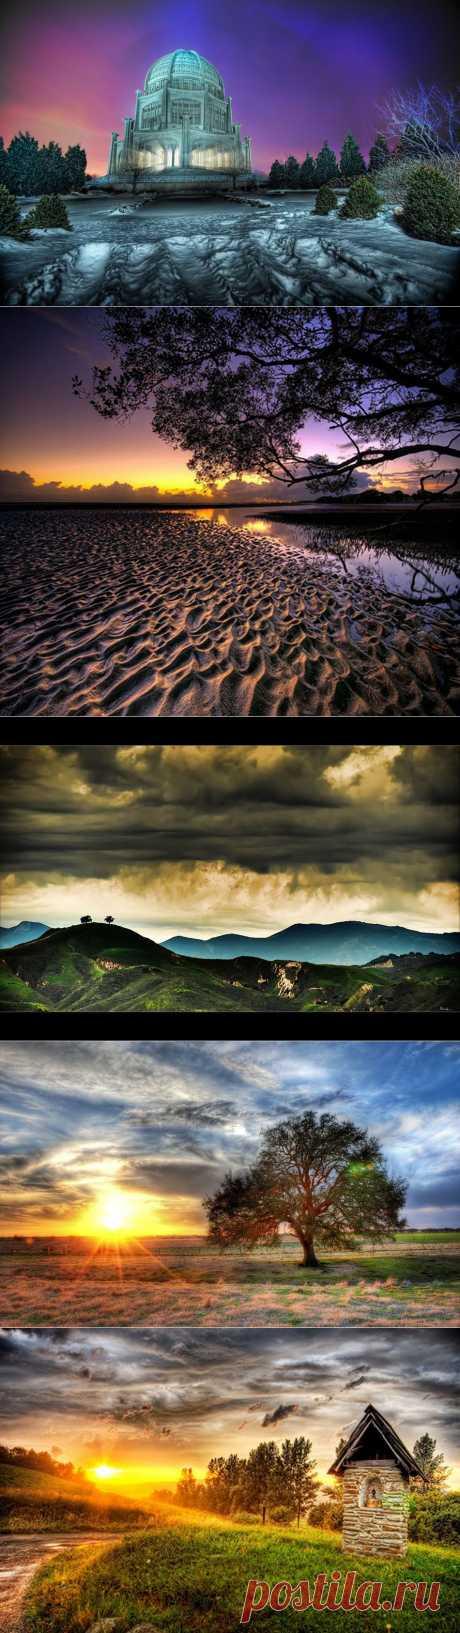 Удивительные и красочные HDR фотографии | Newpix.ru - позитивный интернет-журнал